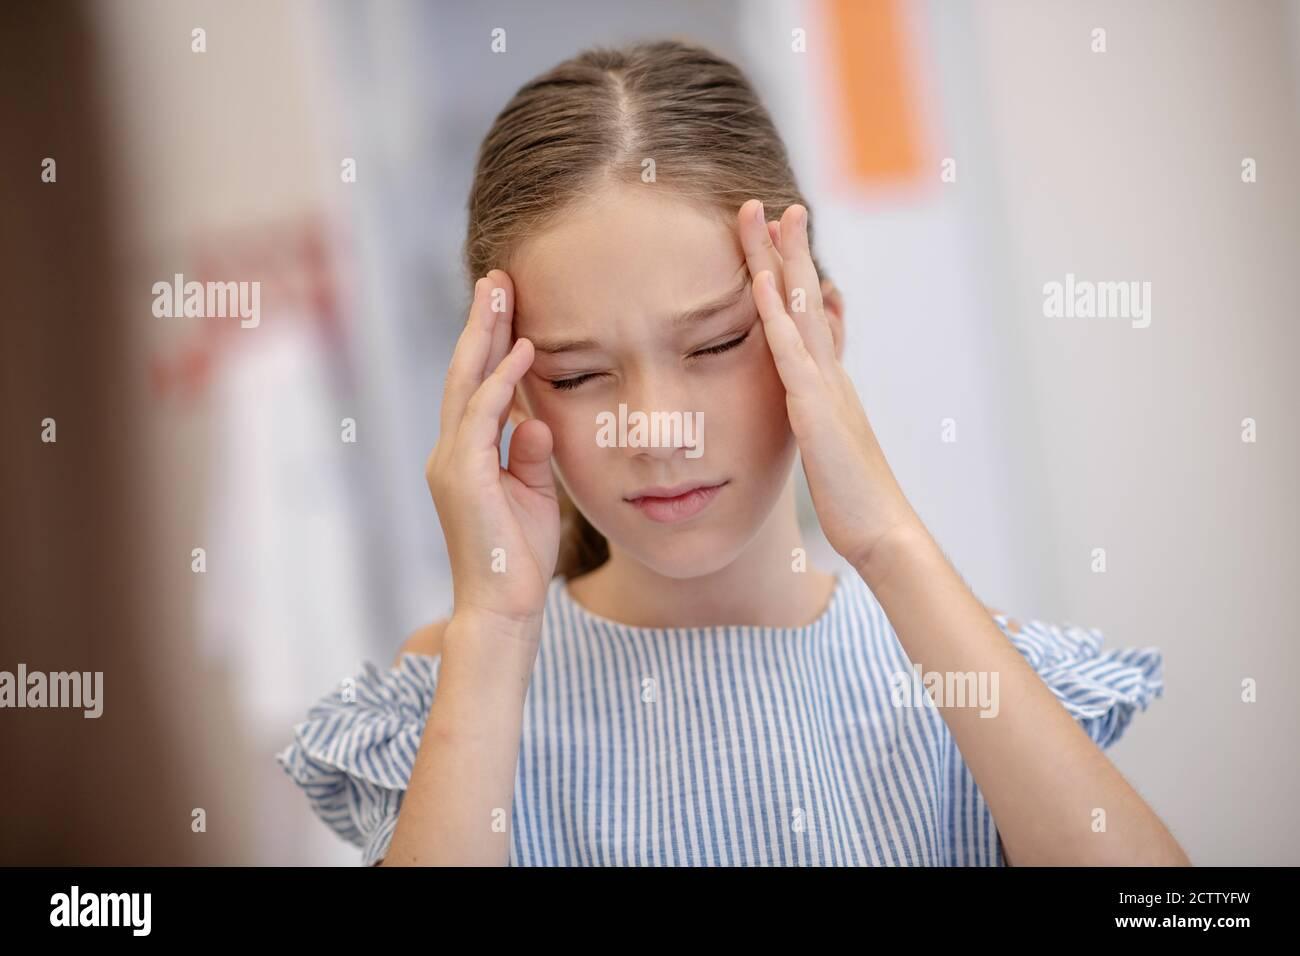 Mädchen mit Kopfschmerzen und unglücklich aussehen Stockfoto